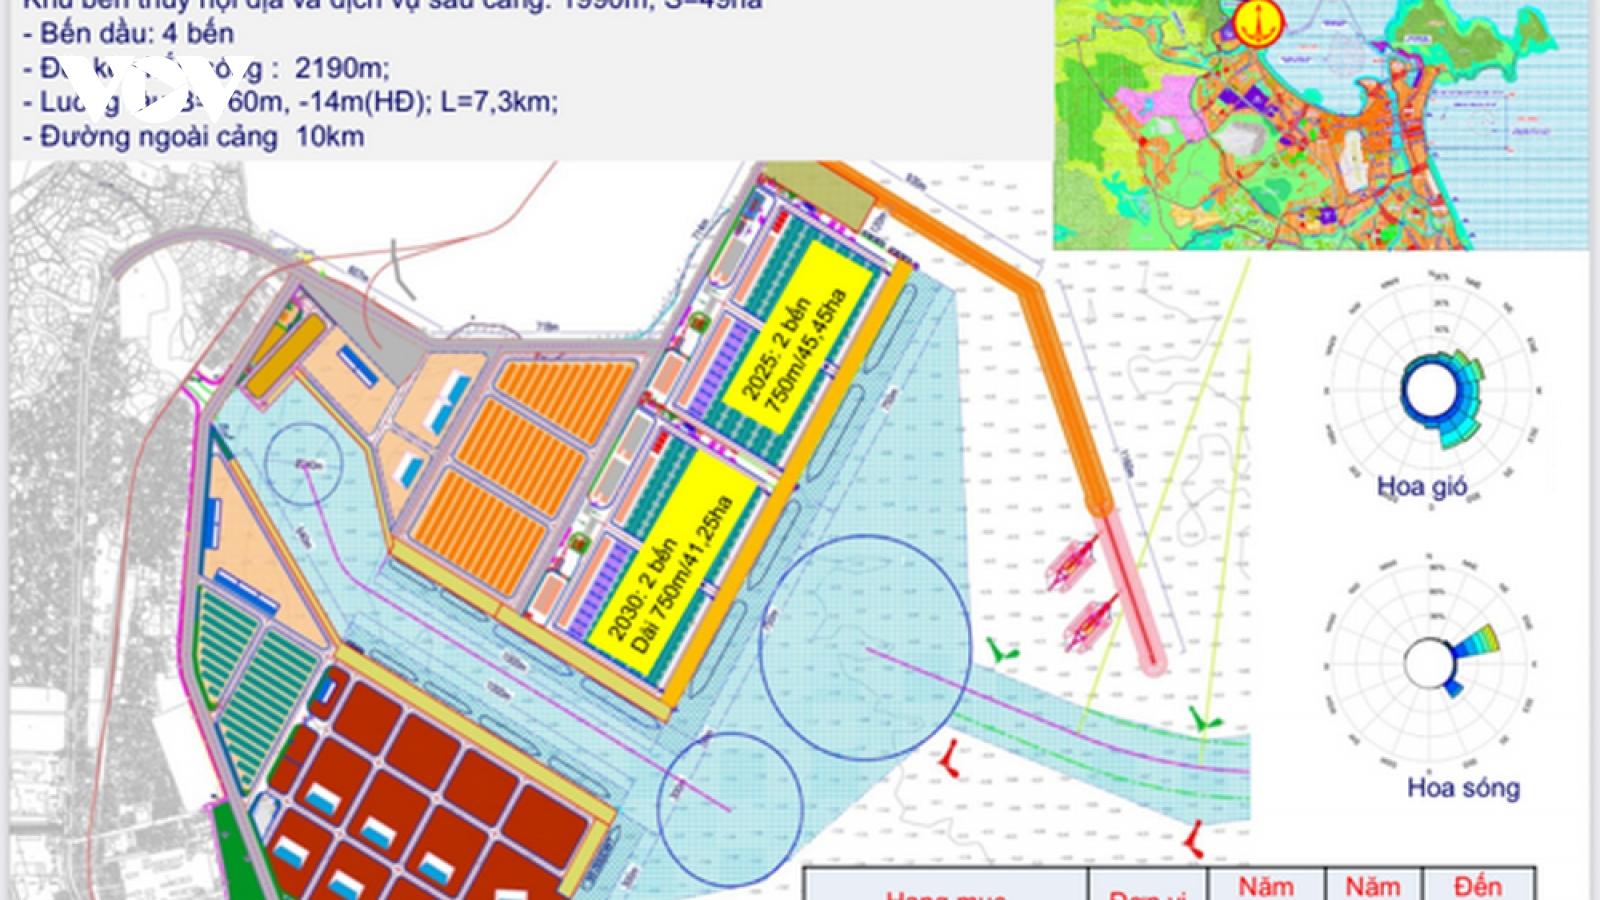 Chính phủ phê duyệt chủ trương đầu tư Bến cảng Liên Chiểu